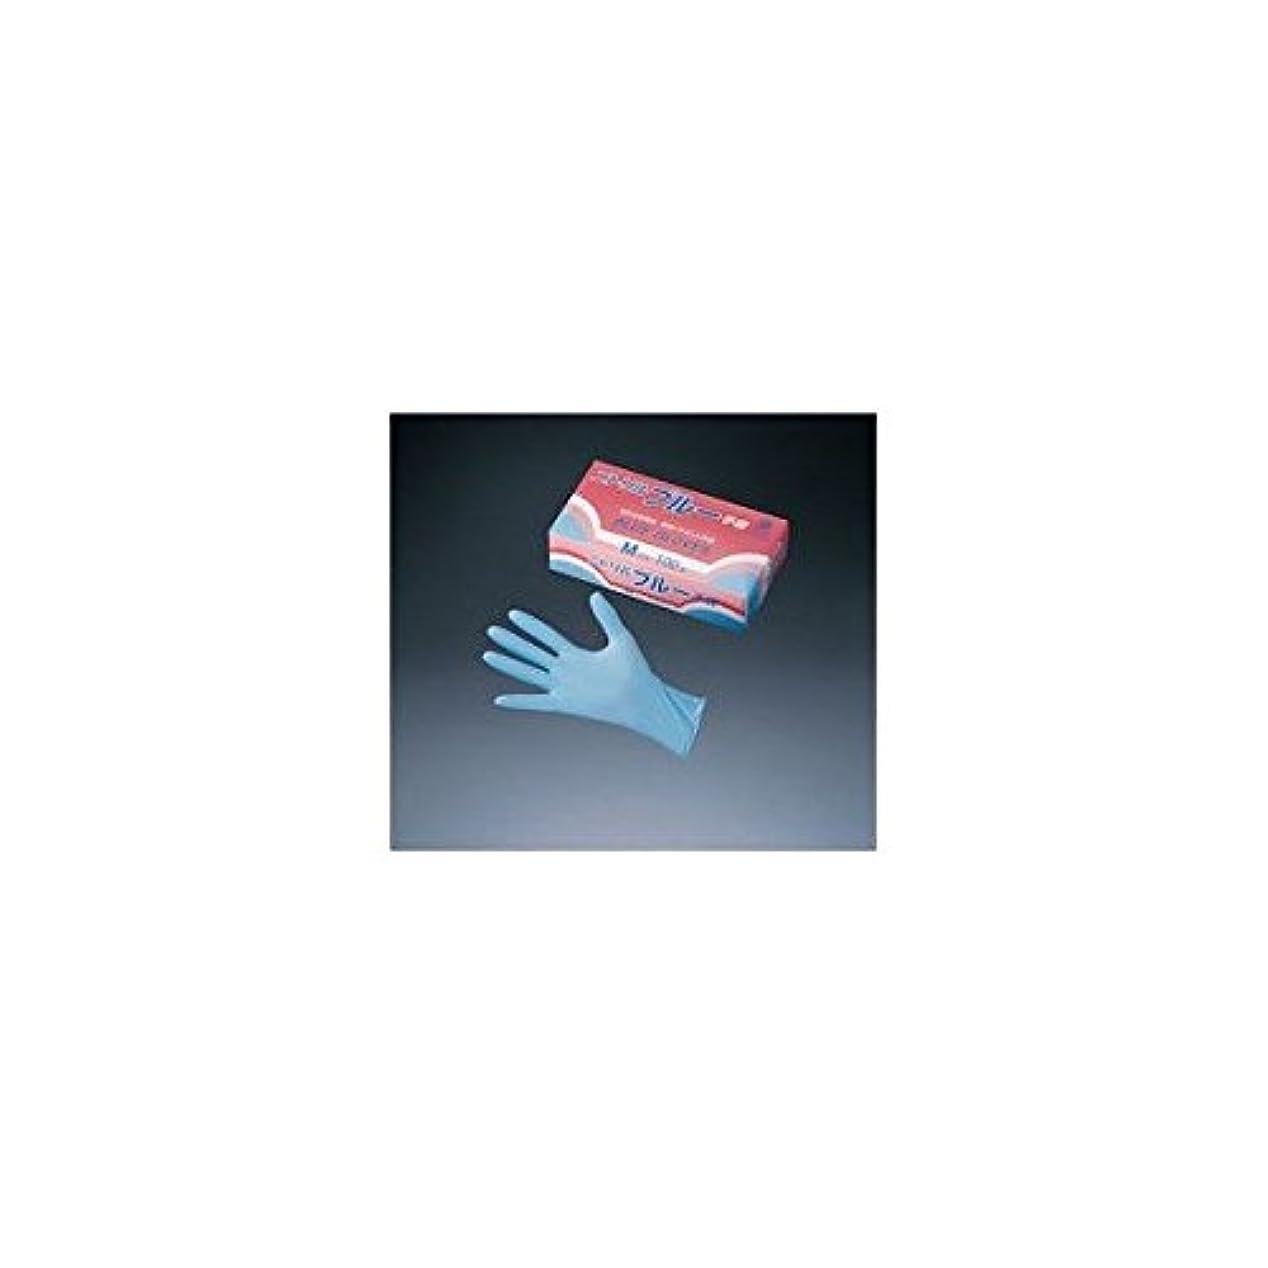 コンテンポラリーカカドゥ乱暴な旭創業 ニトリルグローブ ブルー (100枚セット) M